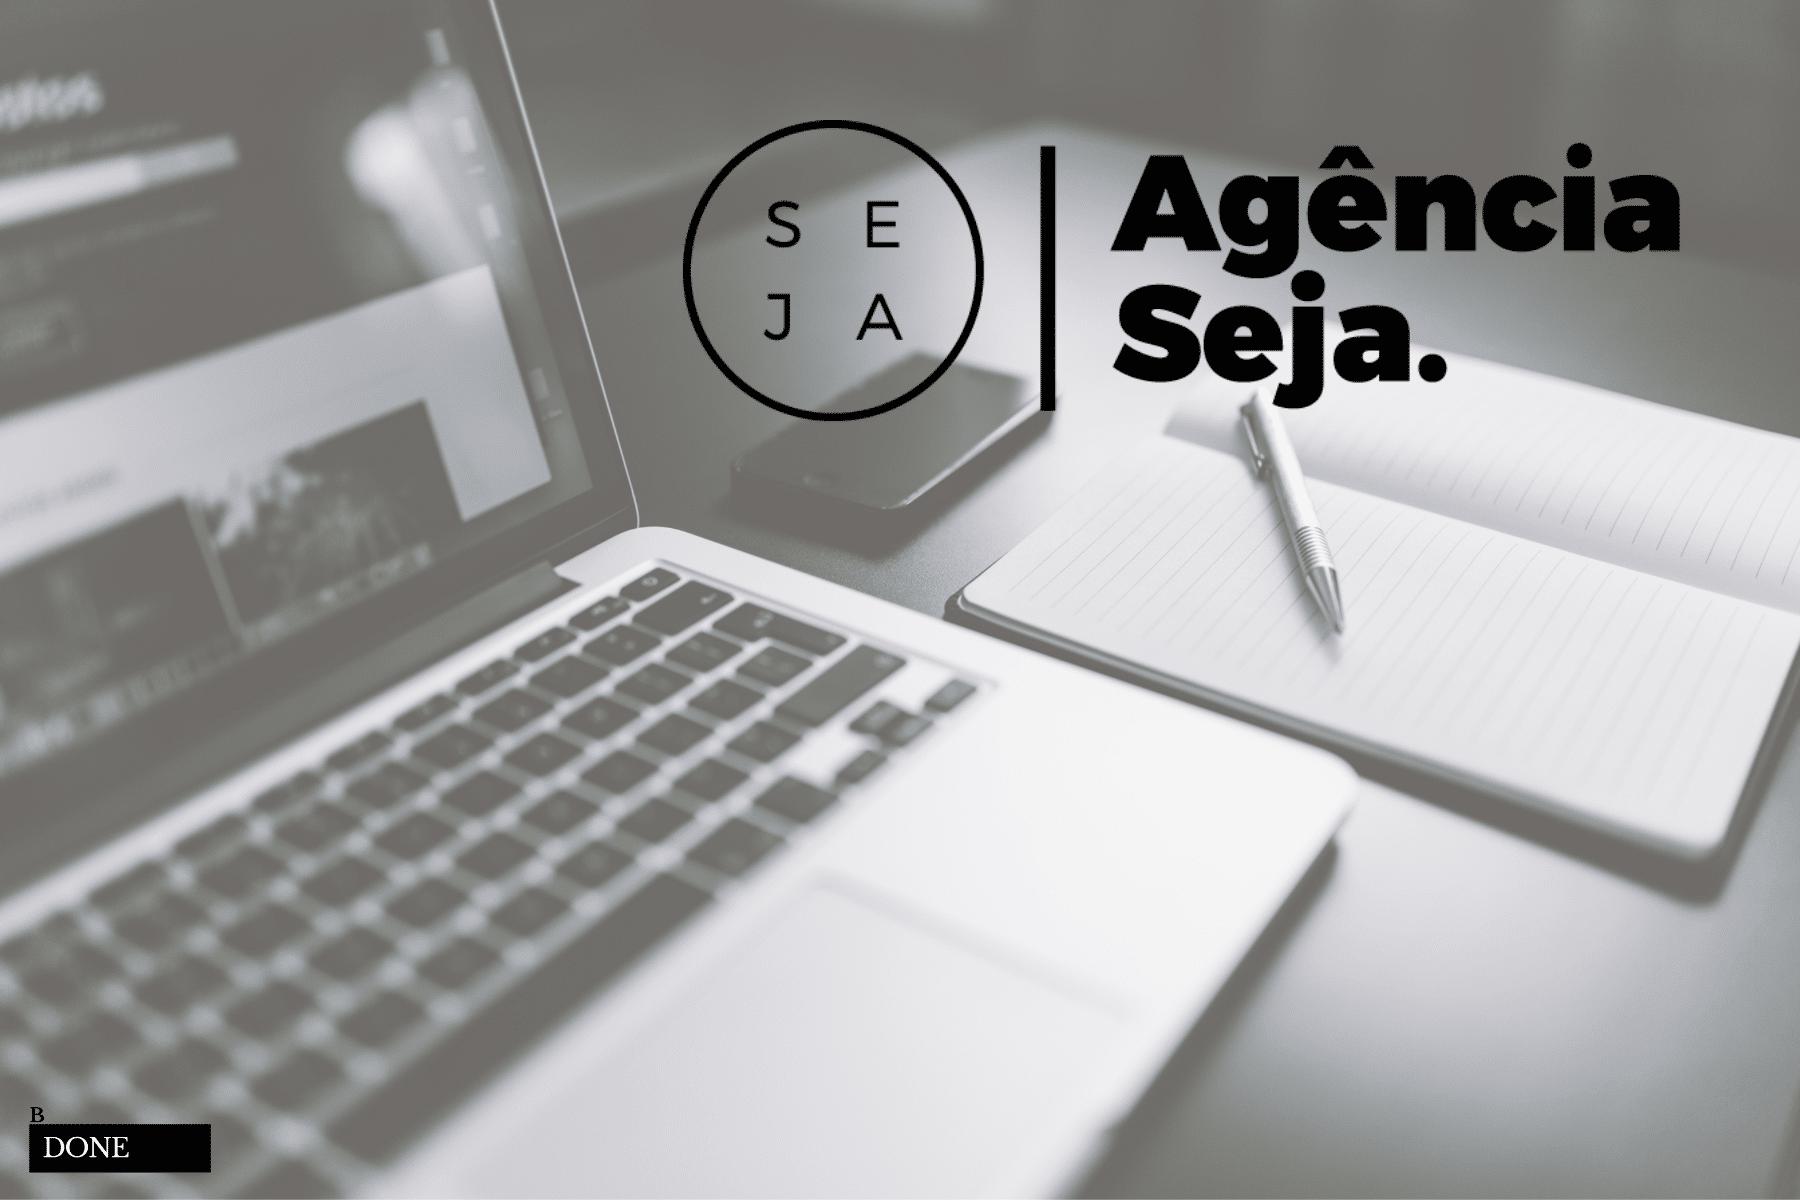 agencia-seja-case-bdone